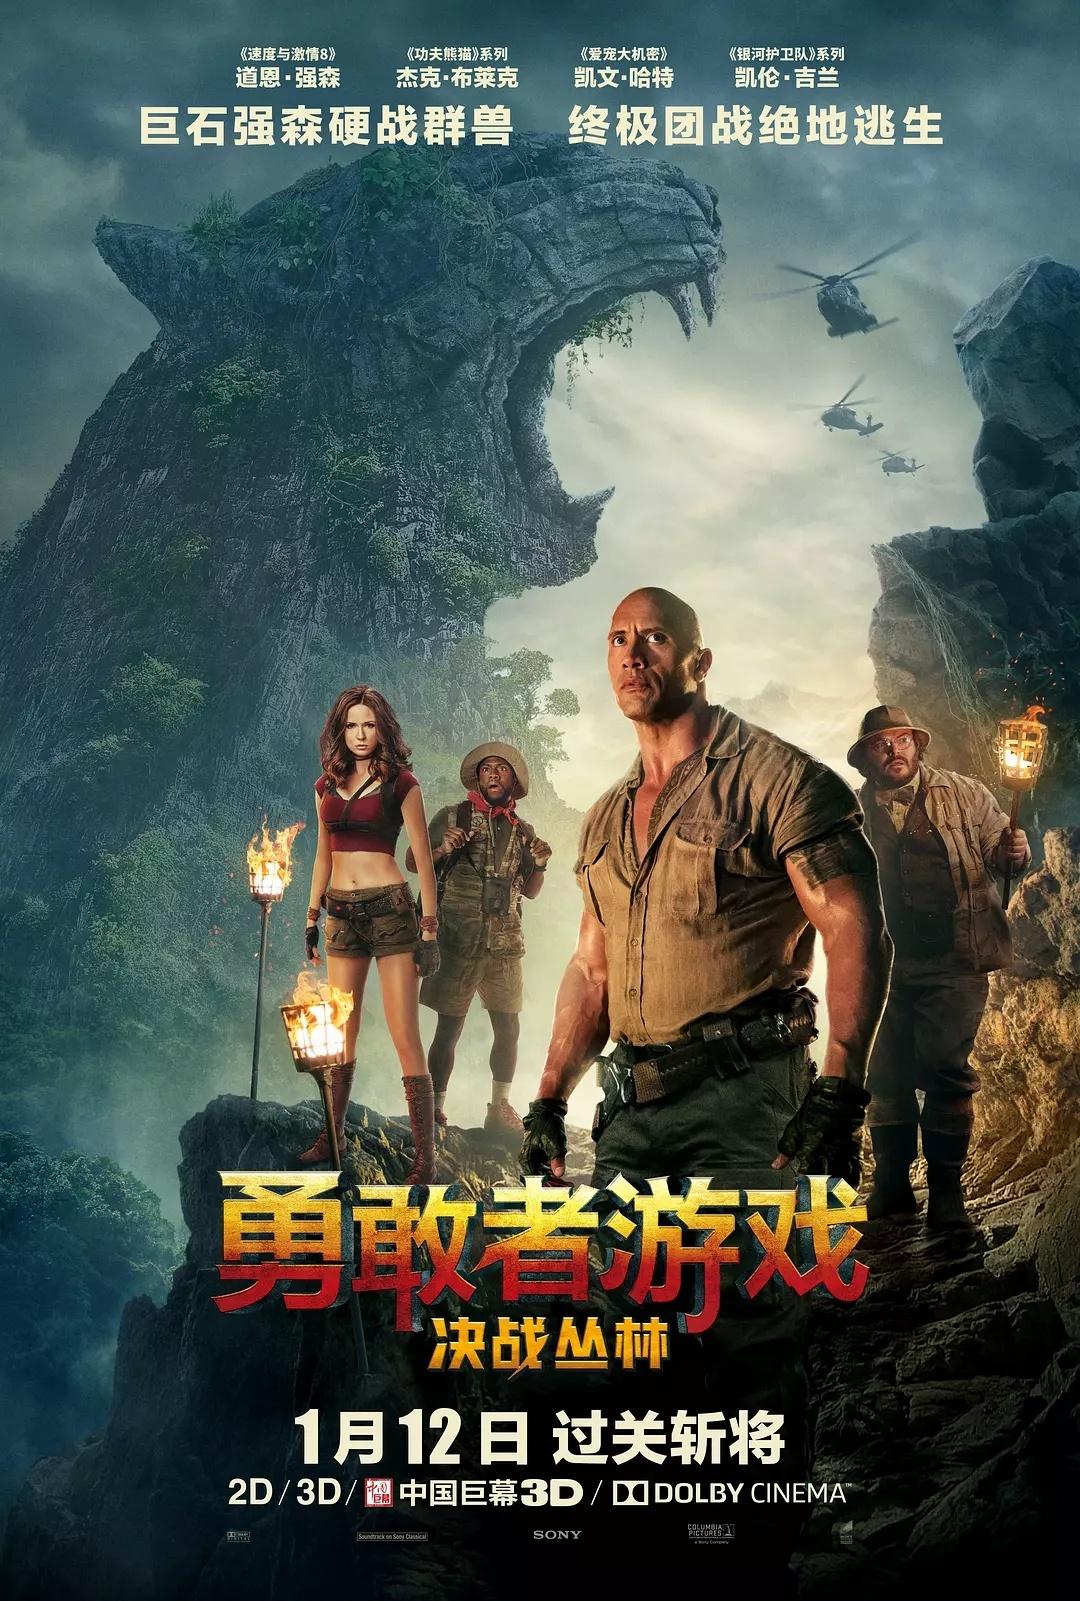 勇敢者游戏:决战丛林 [更新3D/4K蓝光原盘,既是翻拍也是续集,时代在发展,游戏在升级,伴随着插科打诨,休闲娱乐还不错]